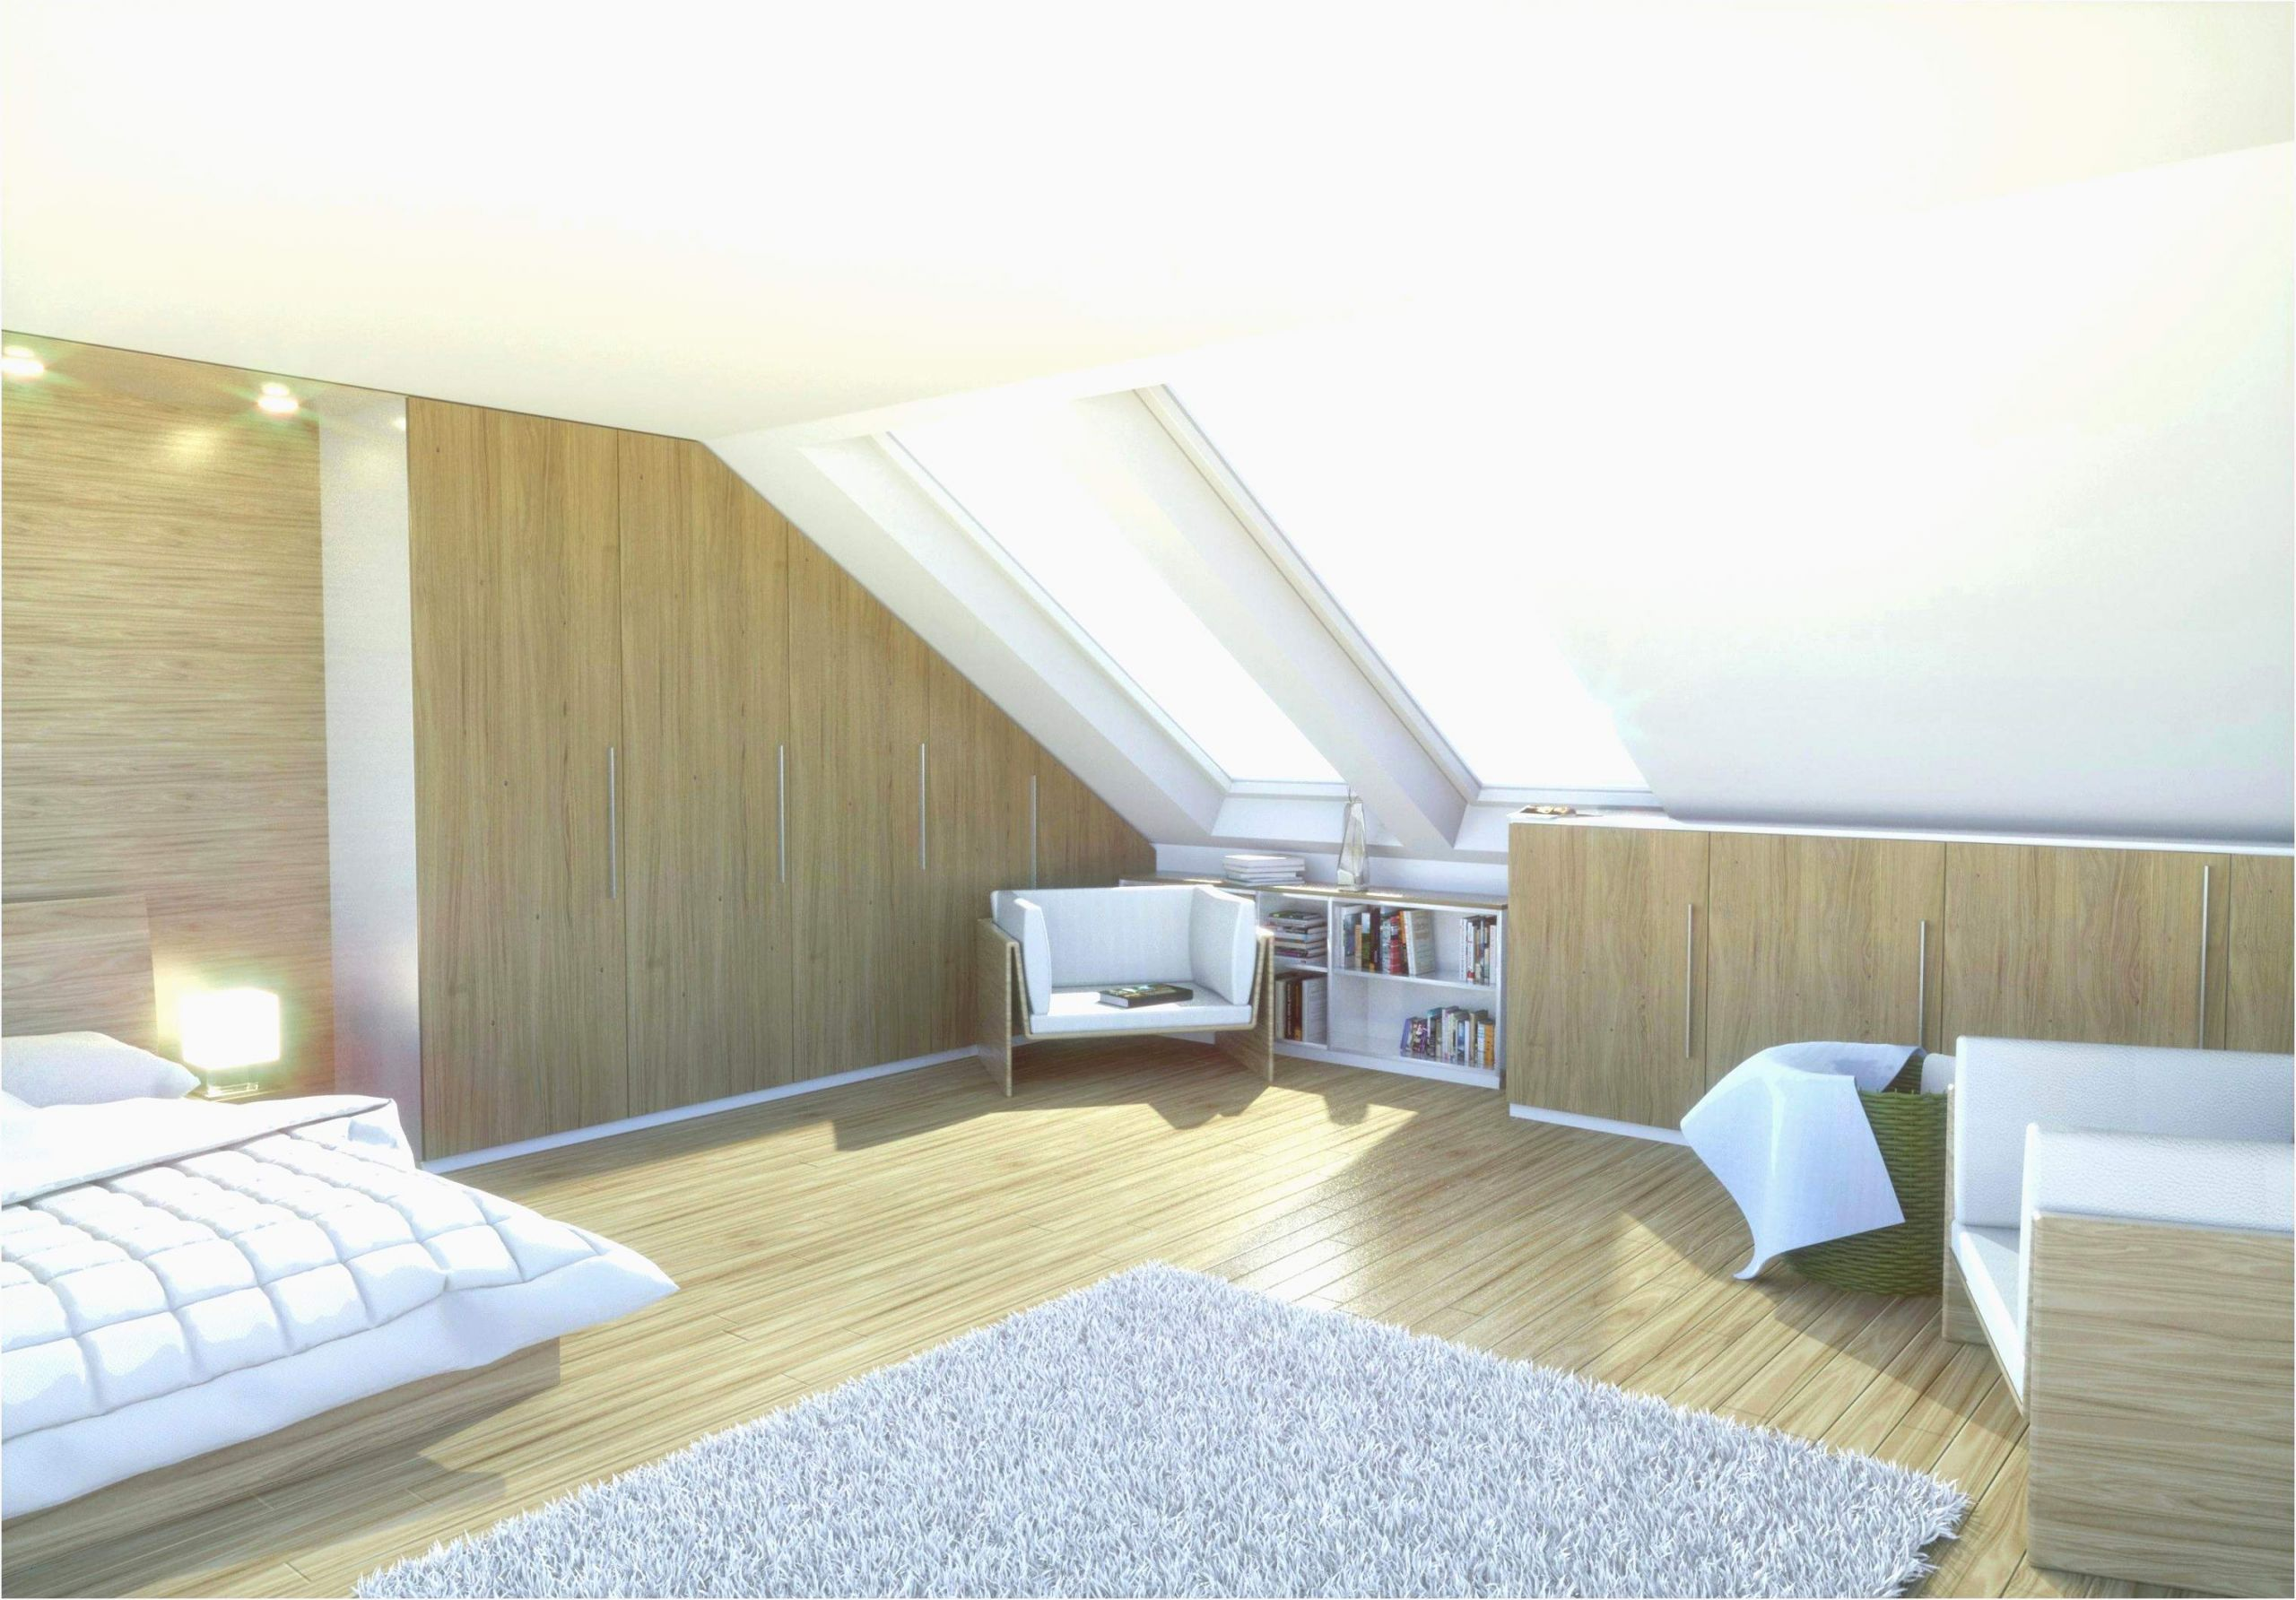 wanddeko wohnzimmer holz einzigartig holz deko wand wohnzimmer planen worauf sie achten sollten of wanddeko wohnzimmer holz scaled